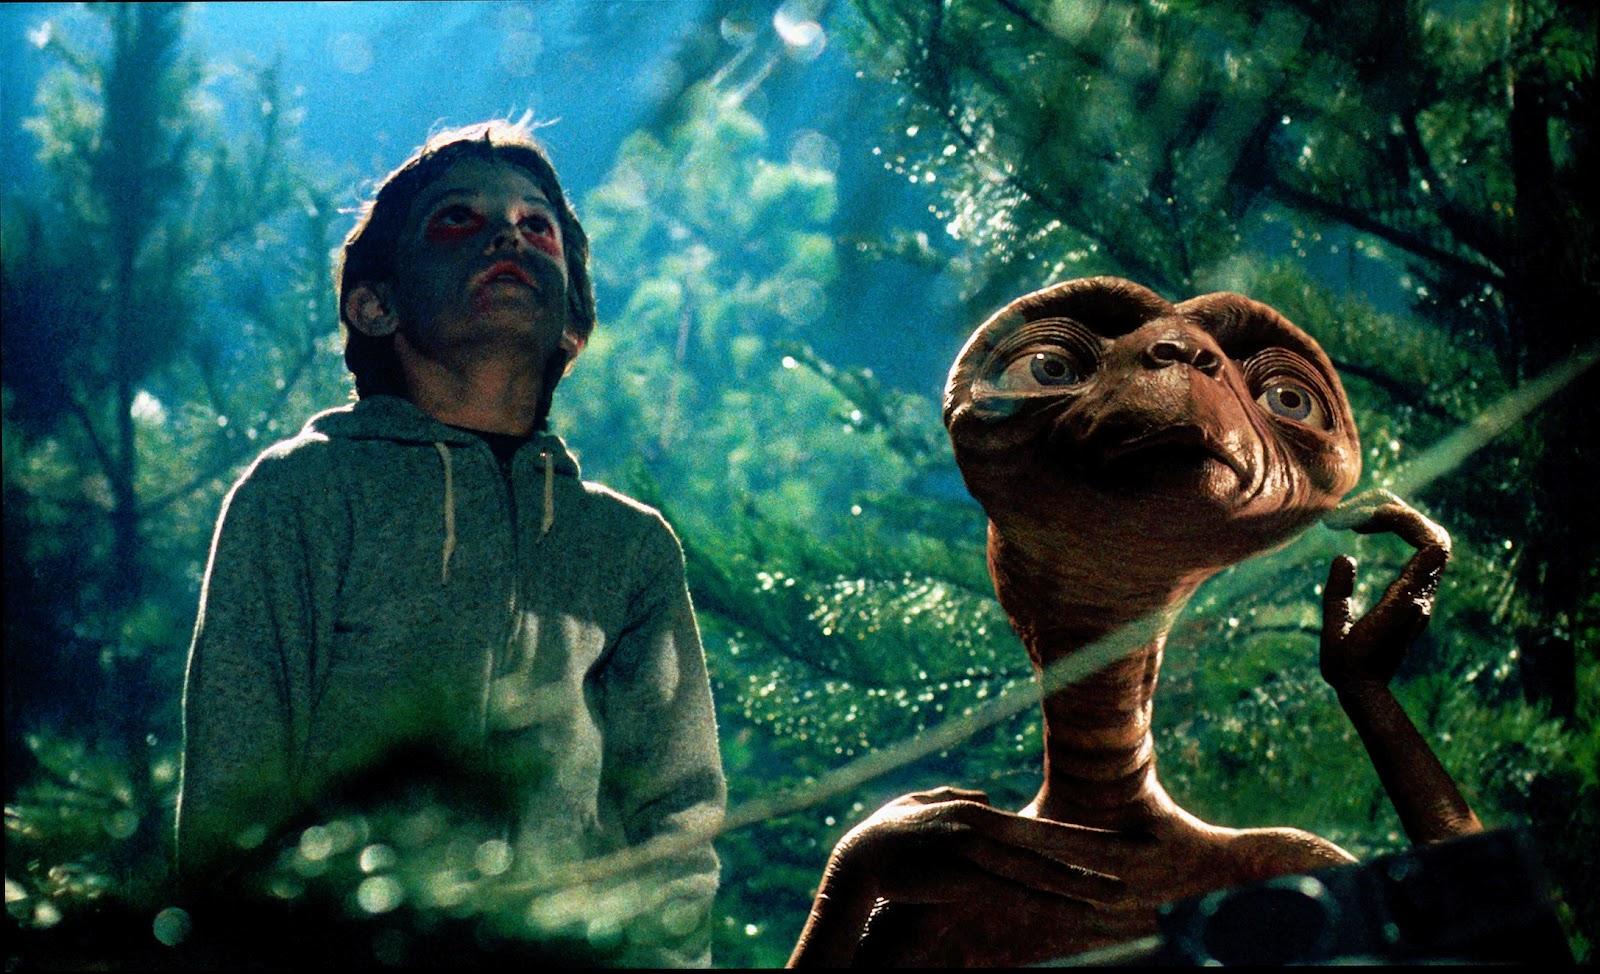 森の中で空を見上げるE.T.とエリオット